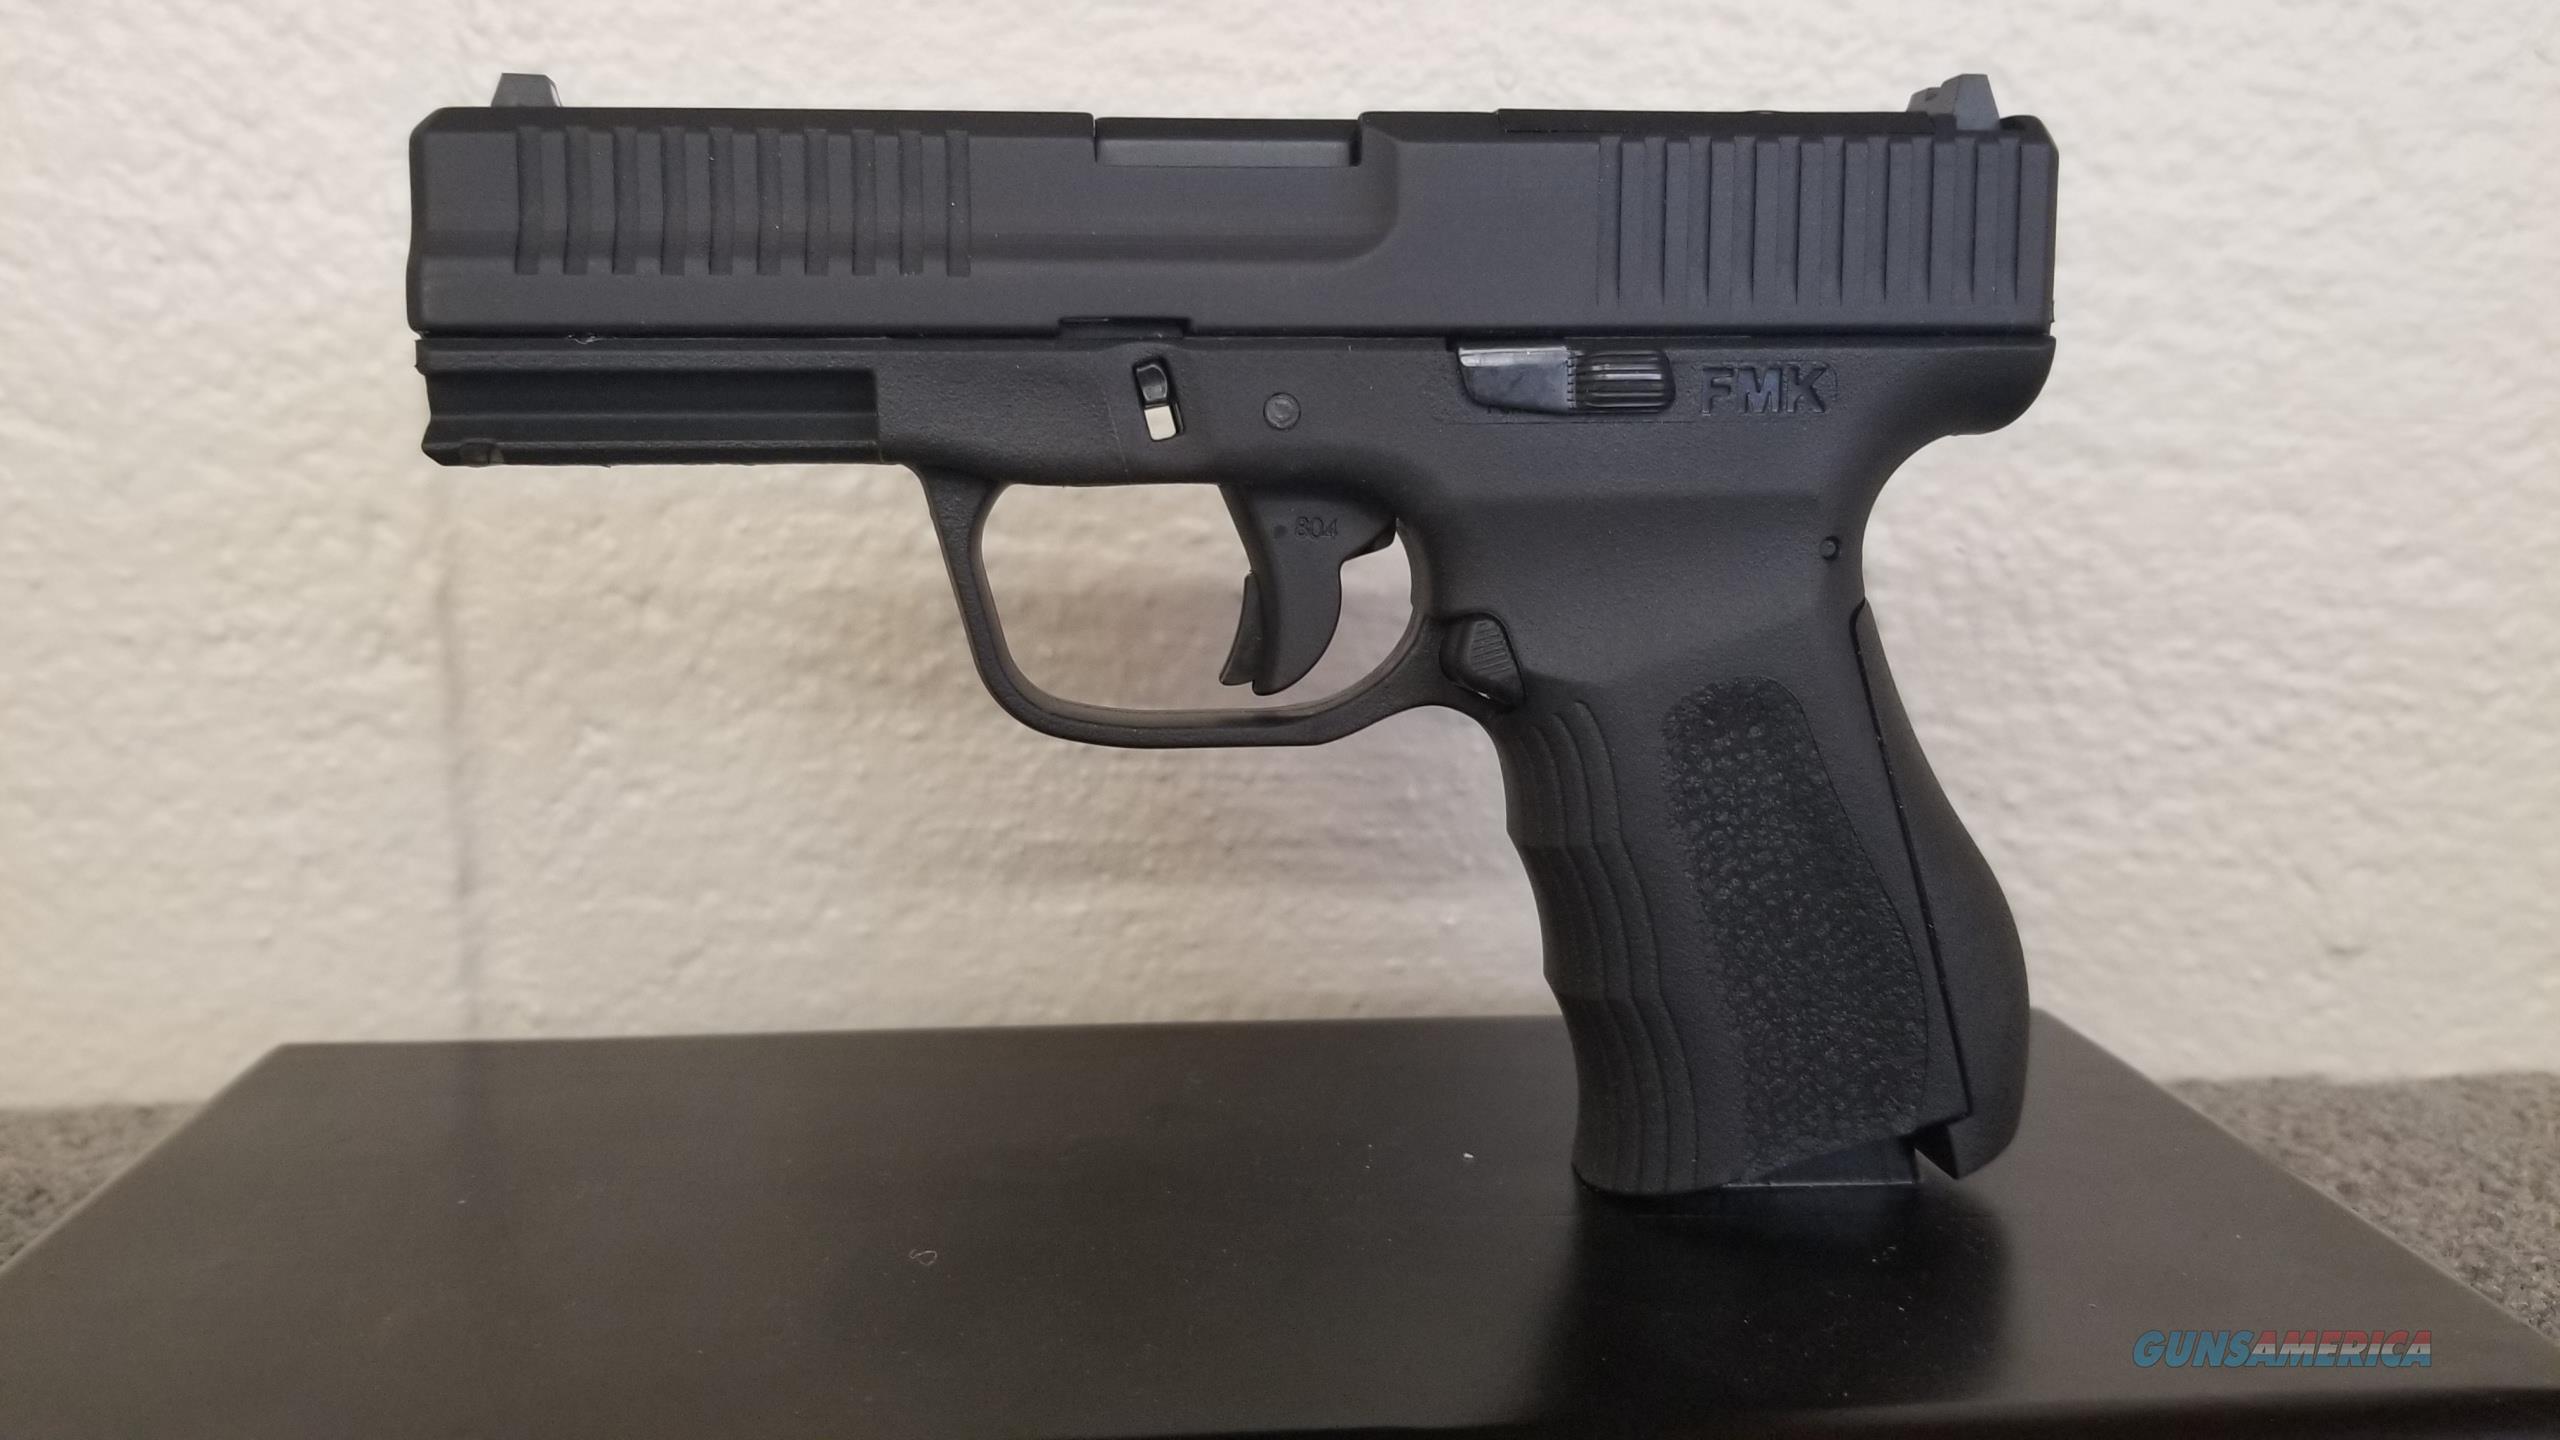 FMK Elite Pro (Black) 9mm w/ Viper Reflex Sight  Guns > Pistols > FMK